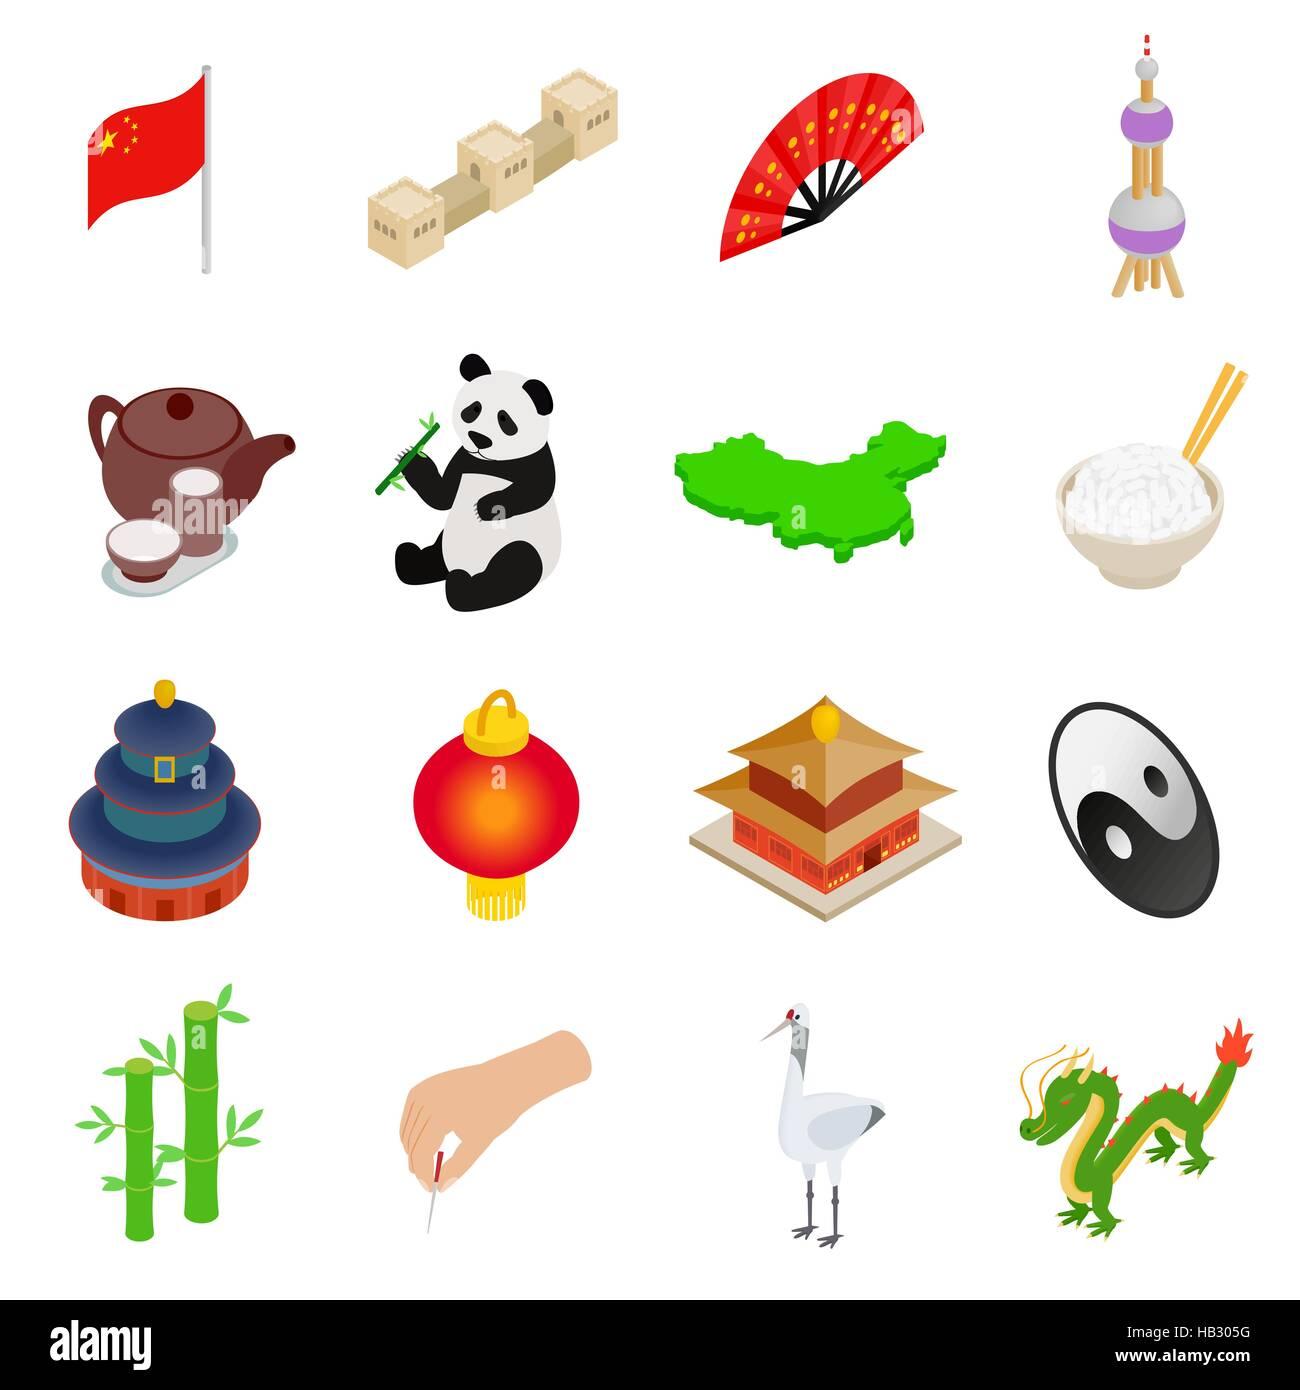 China isometric 3d icons - Stock Image